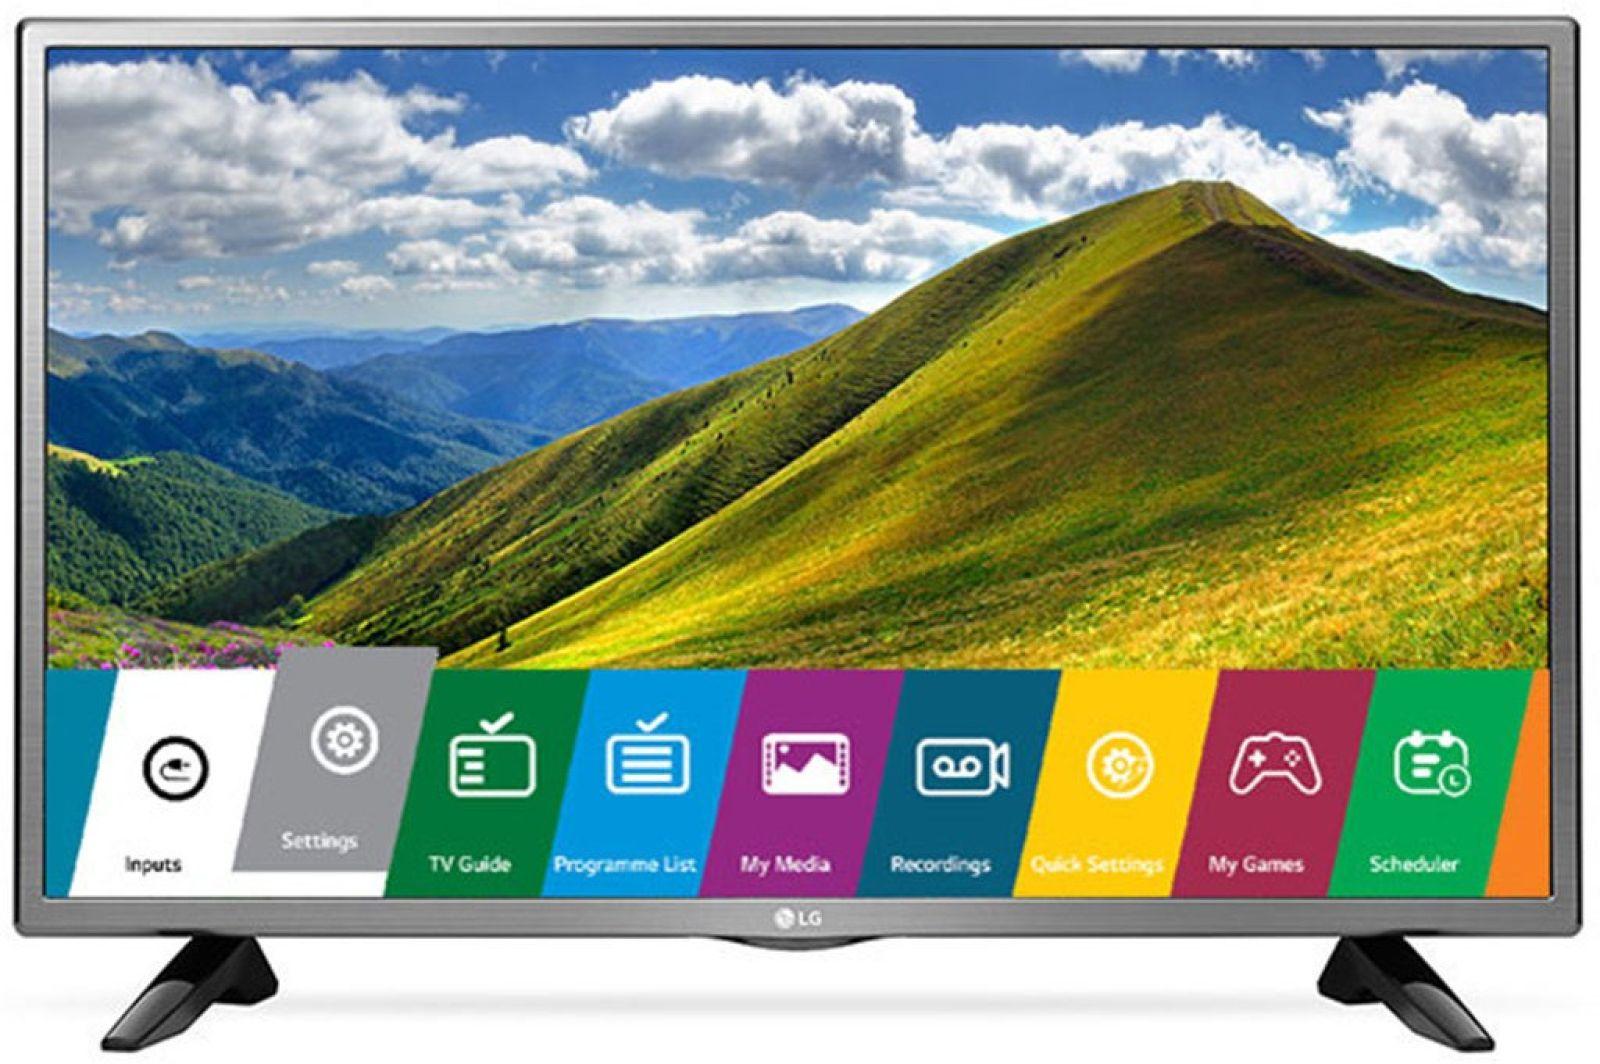 LG 80cm (32 inch) HD Ready LED TV  (32LJ523D)